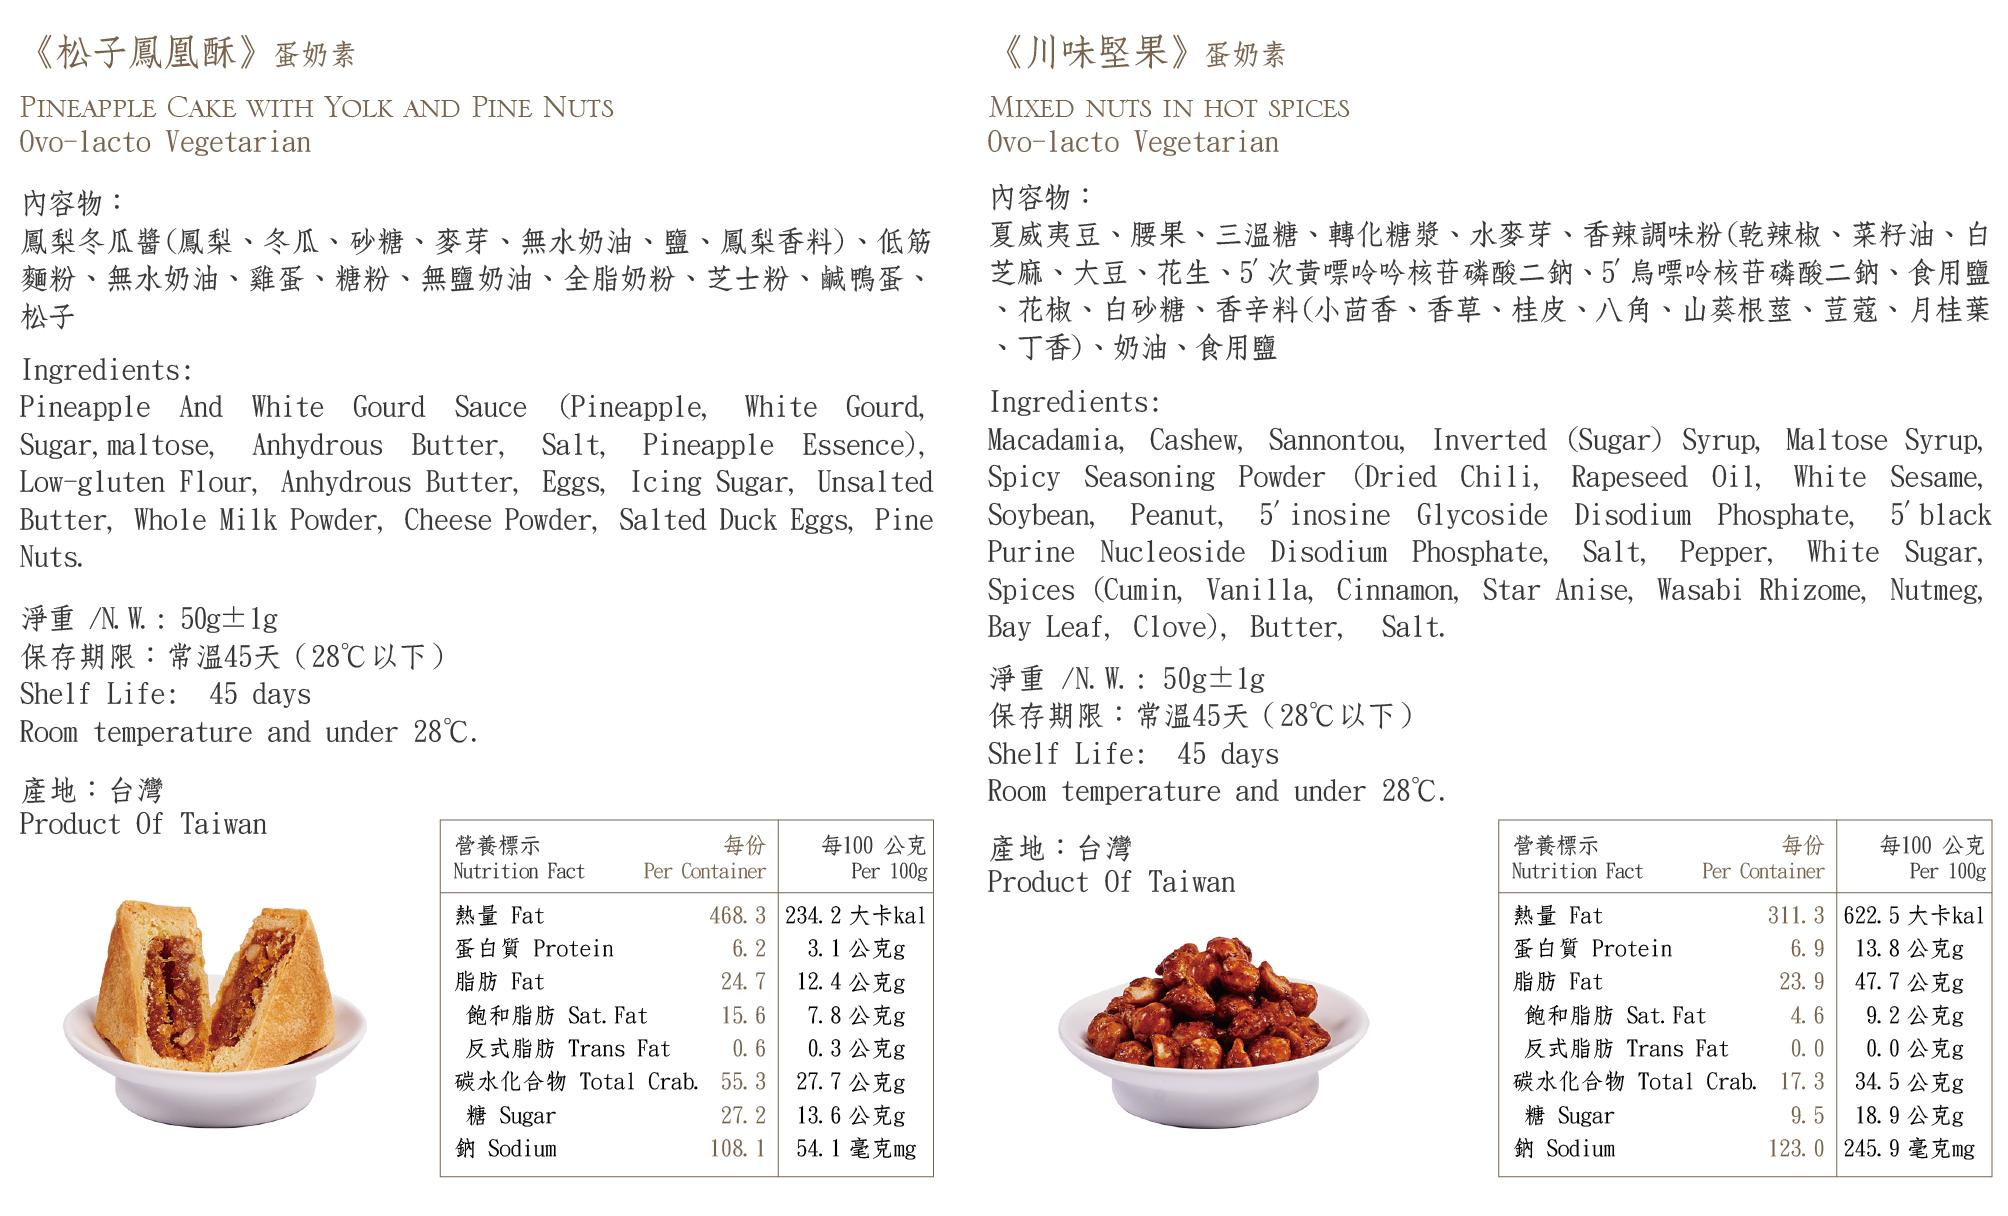 新年食品標-鳳梨酥-川味